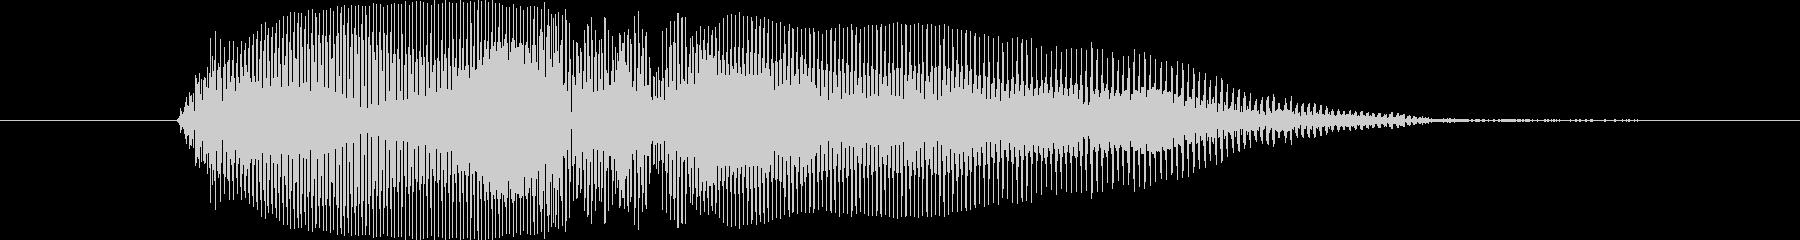 鳴き声 男性の恐ろしい悲鳴高05の未再生の波形